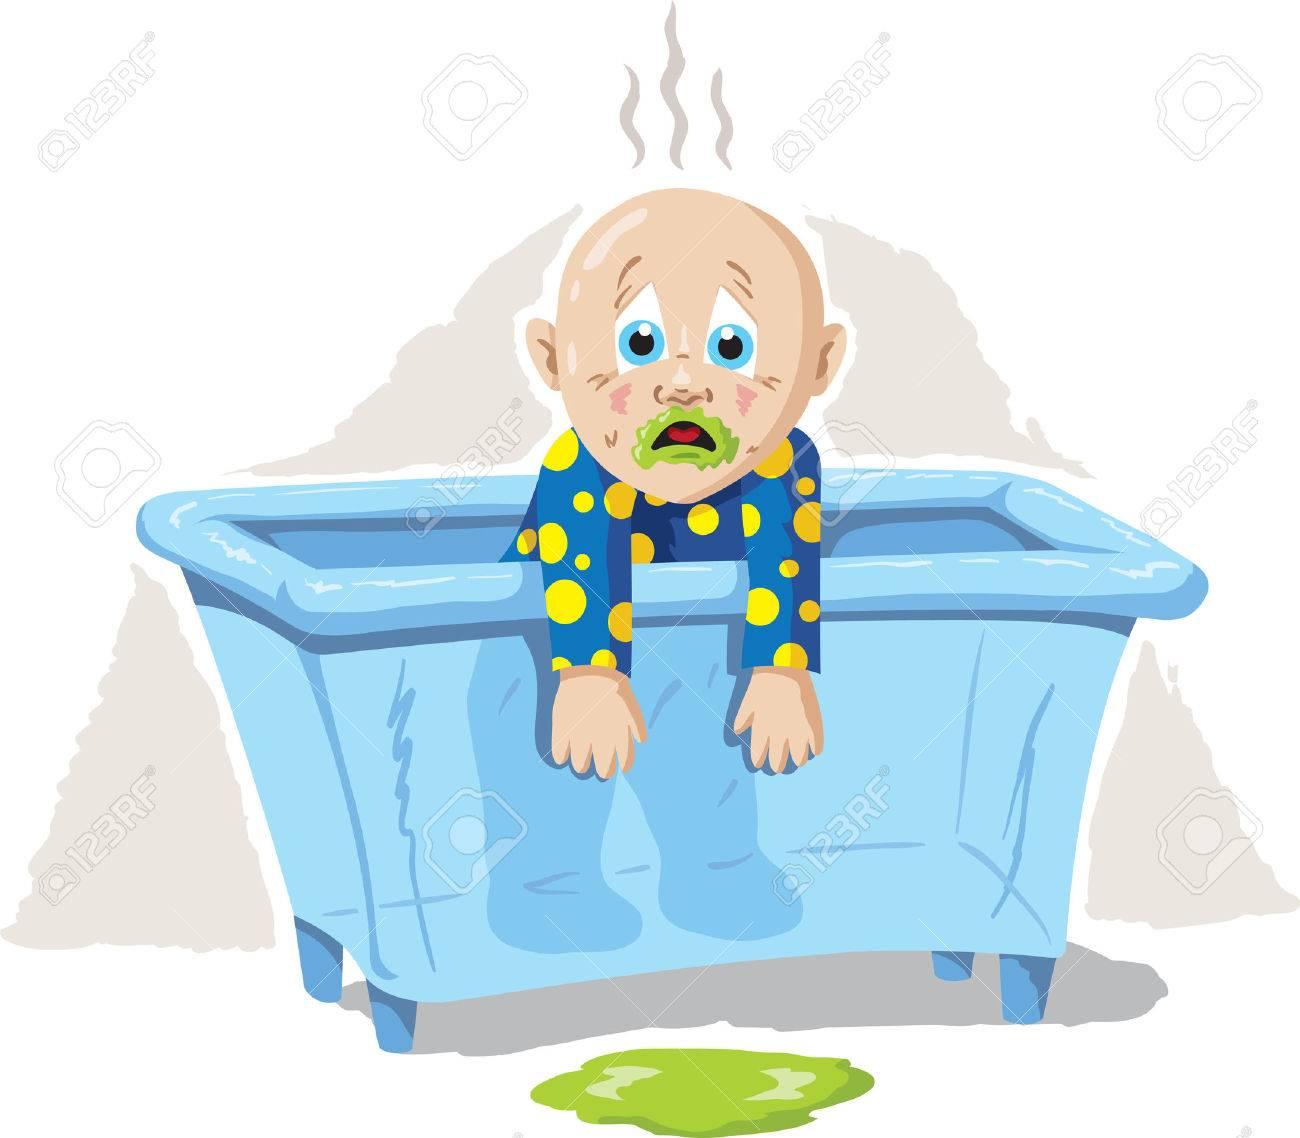 Sick Baby - 25127622